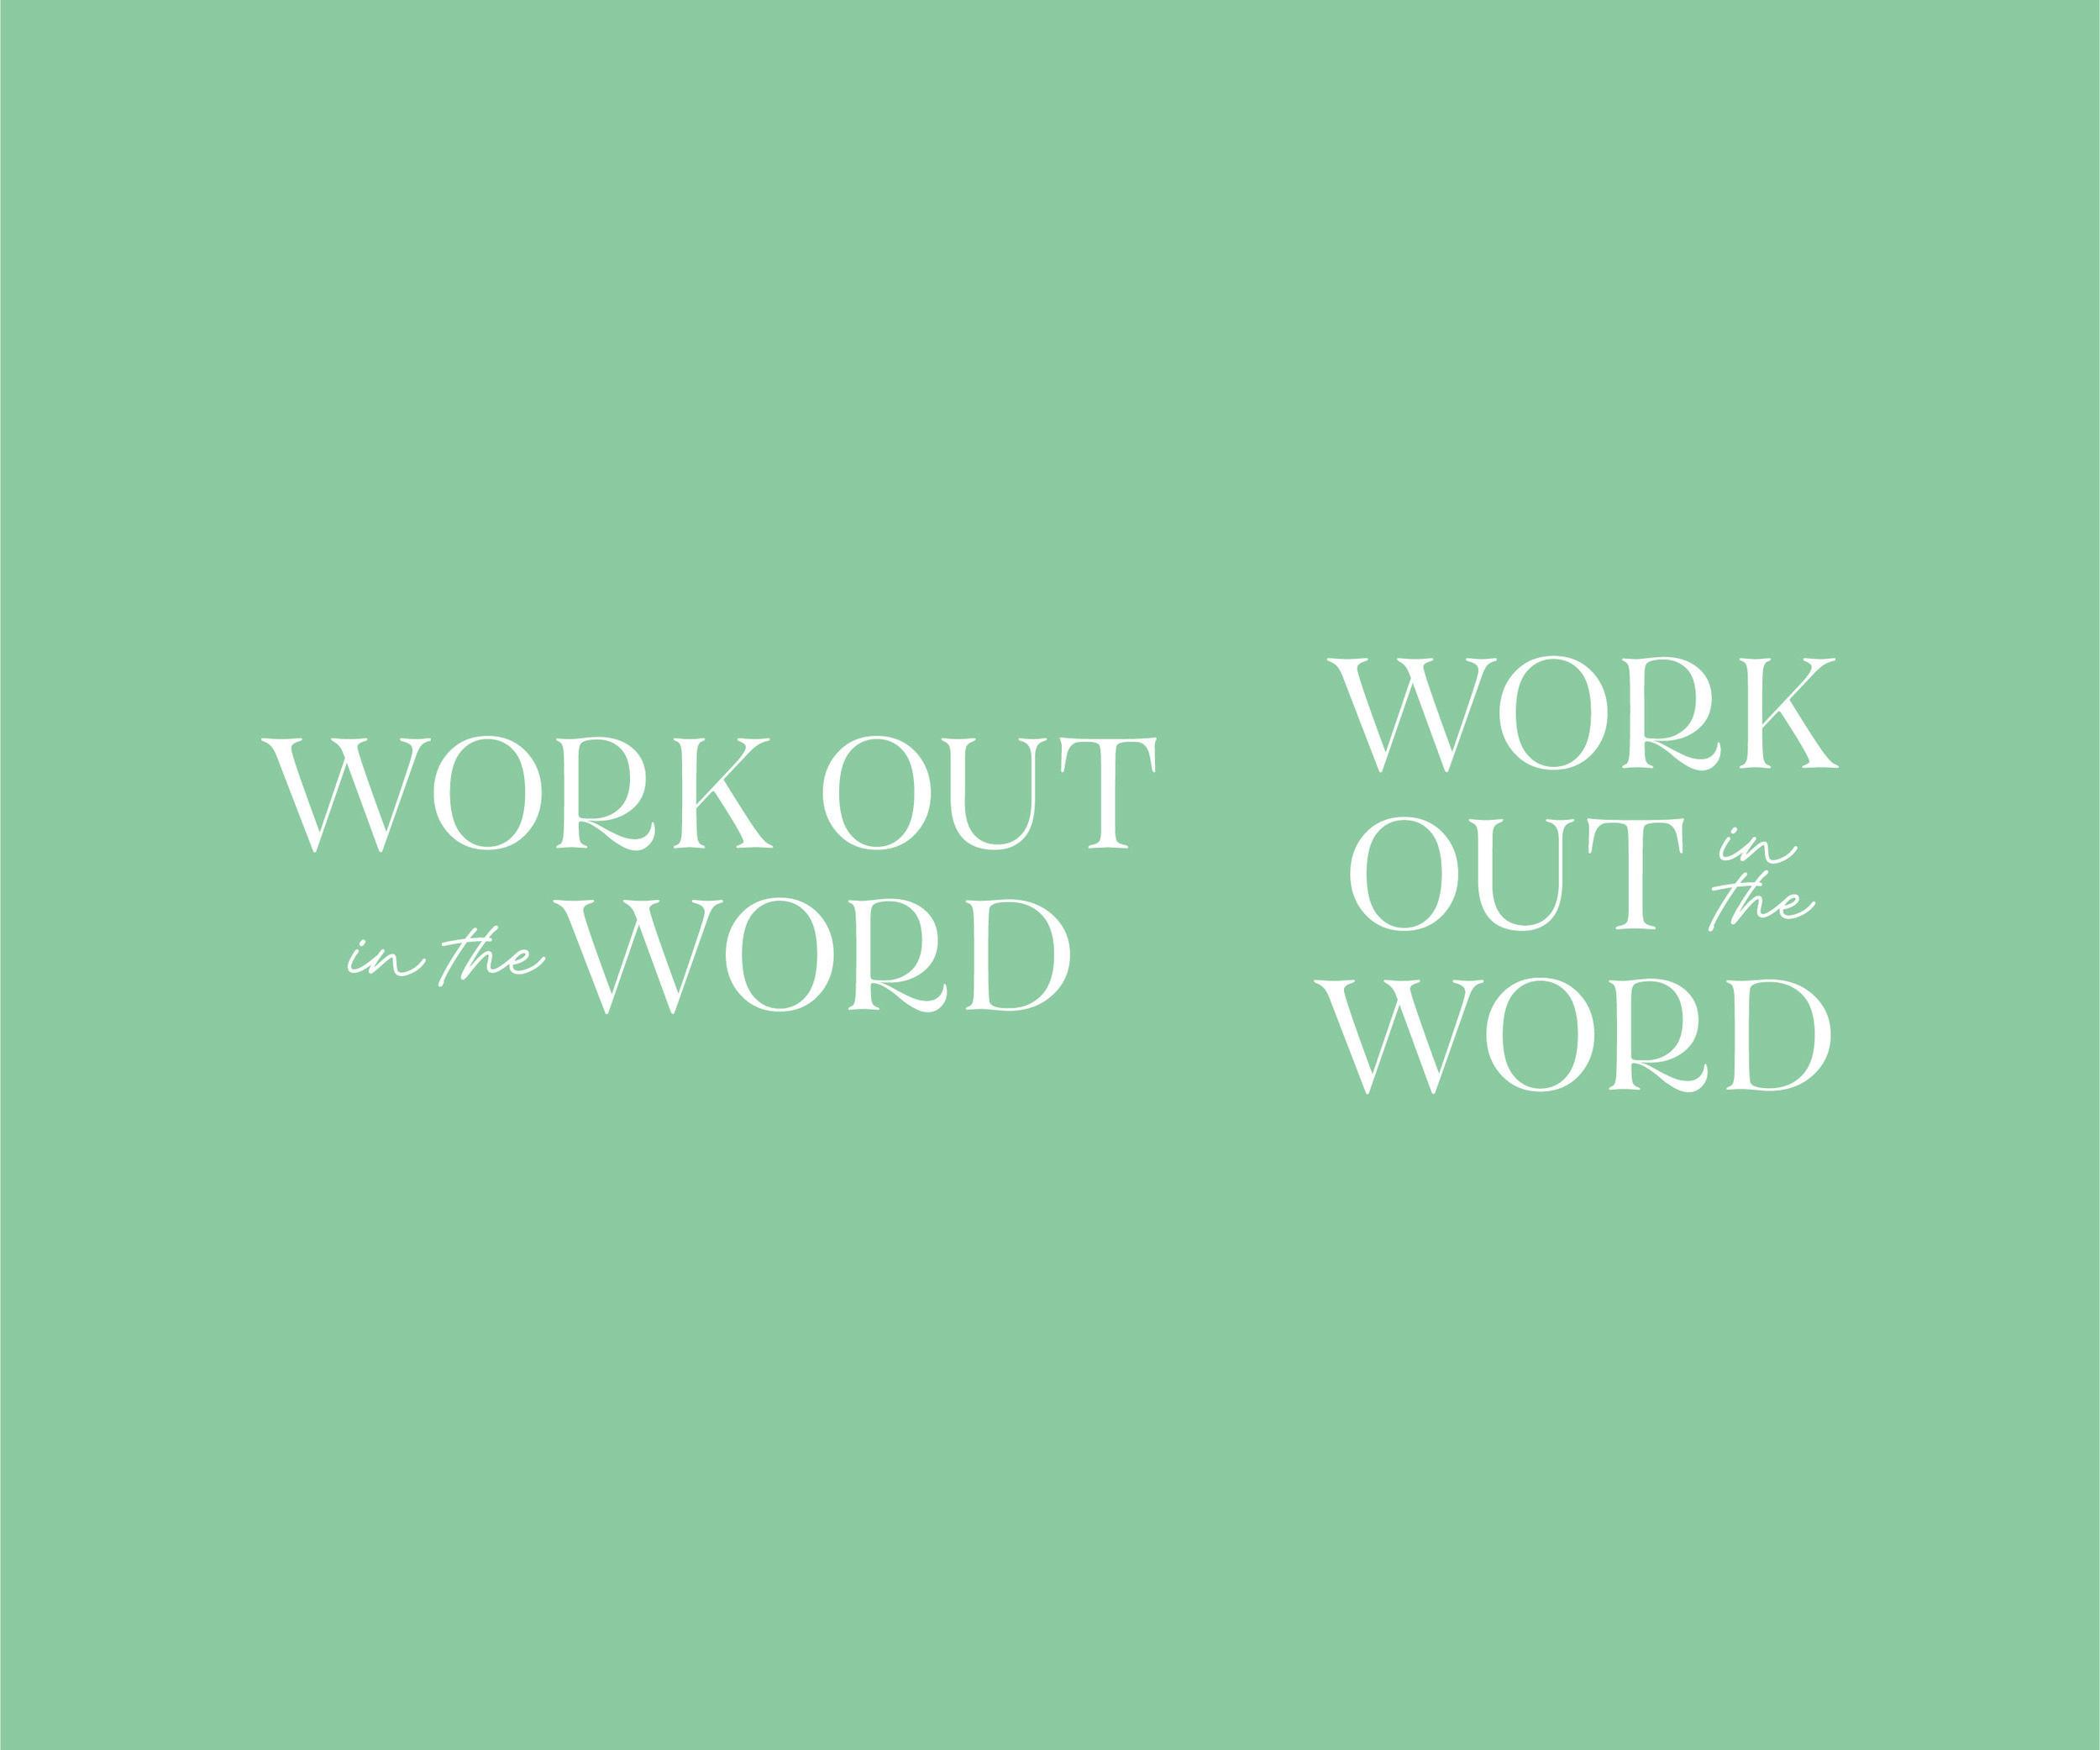 WorkoutInTheWord3.jpg